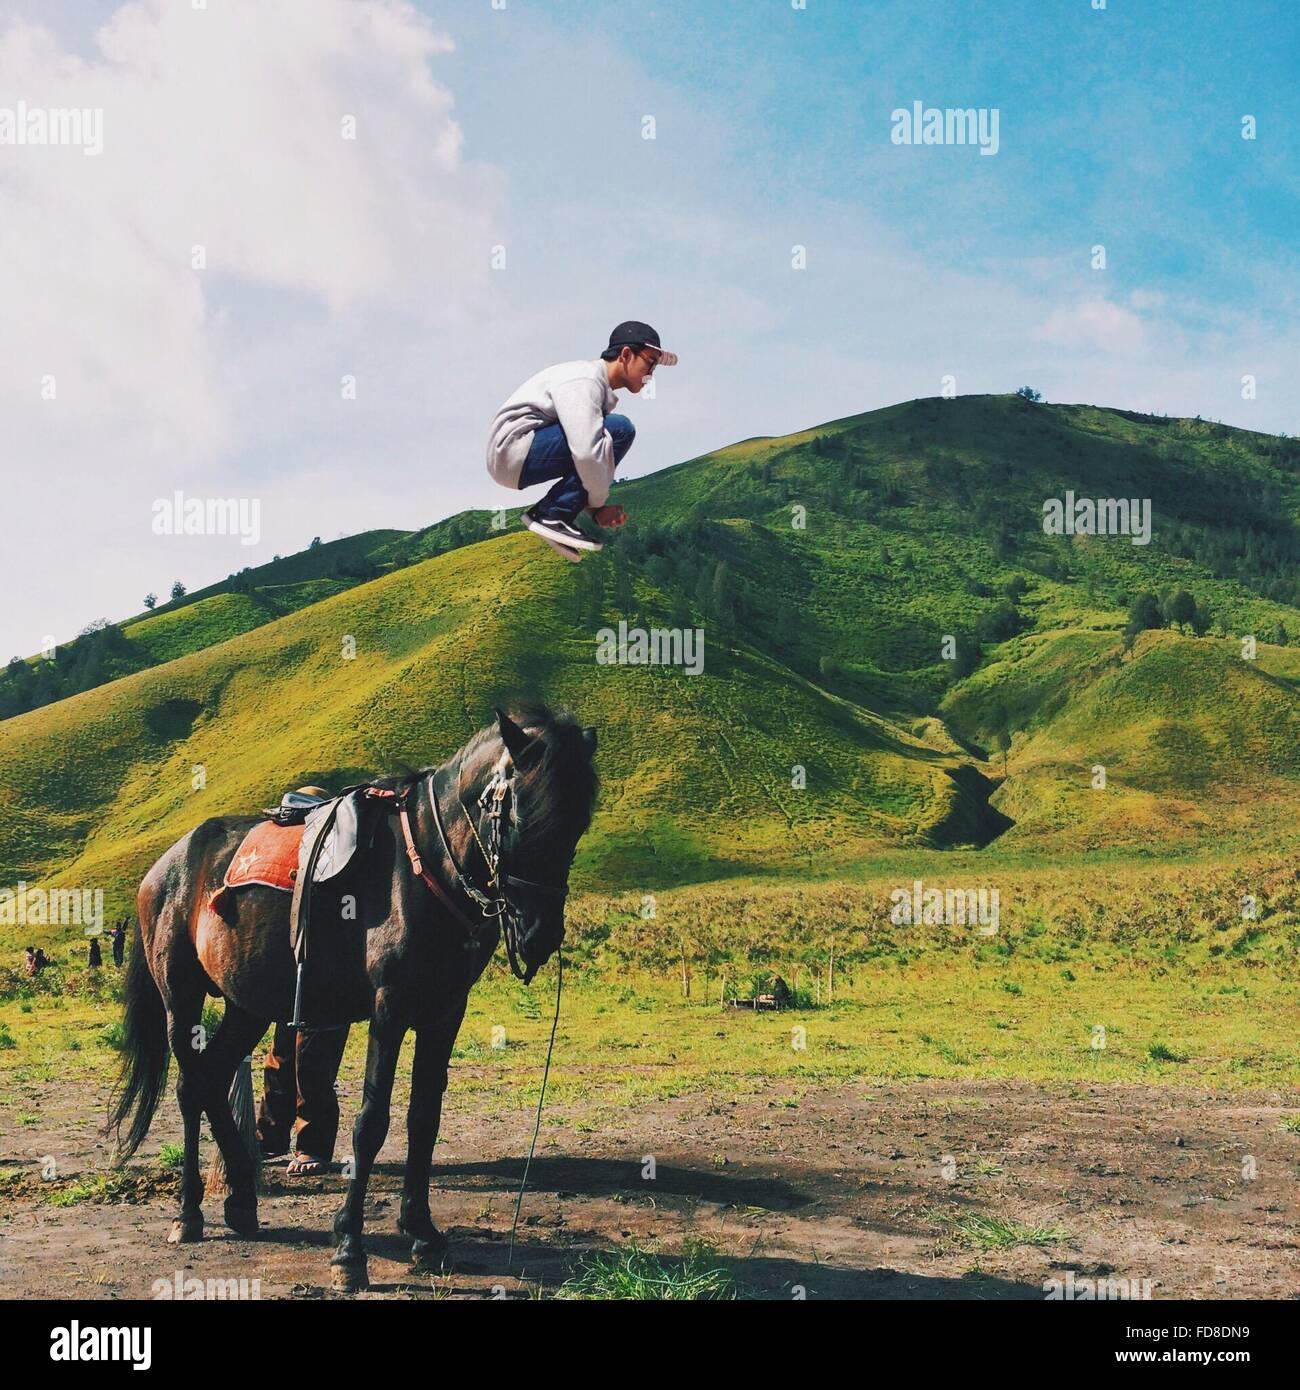 Vista laterale dell'uomo Jumping a metà in aria contro le montagne verdi Immagini Stock